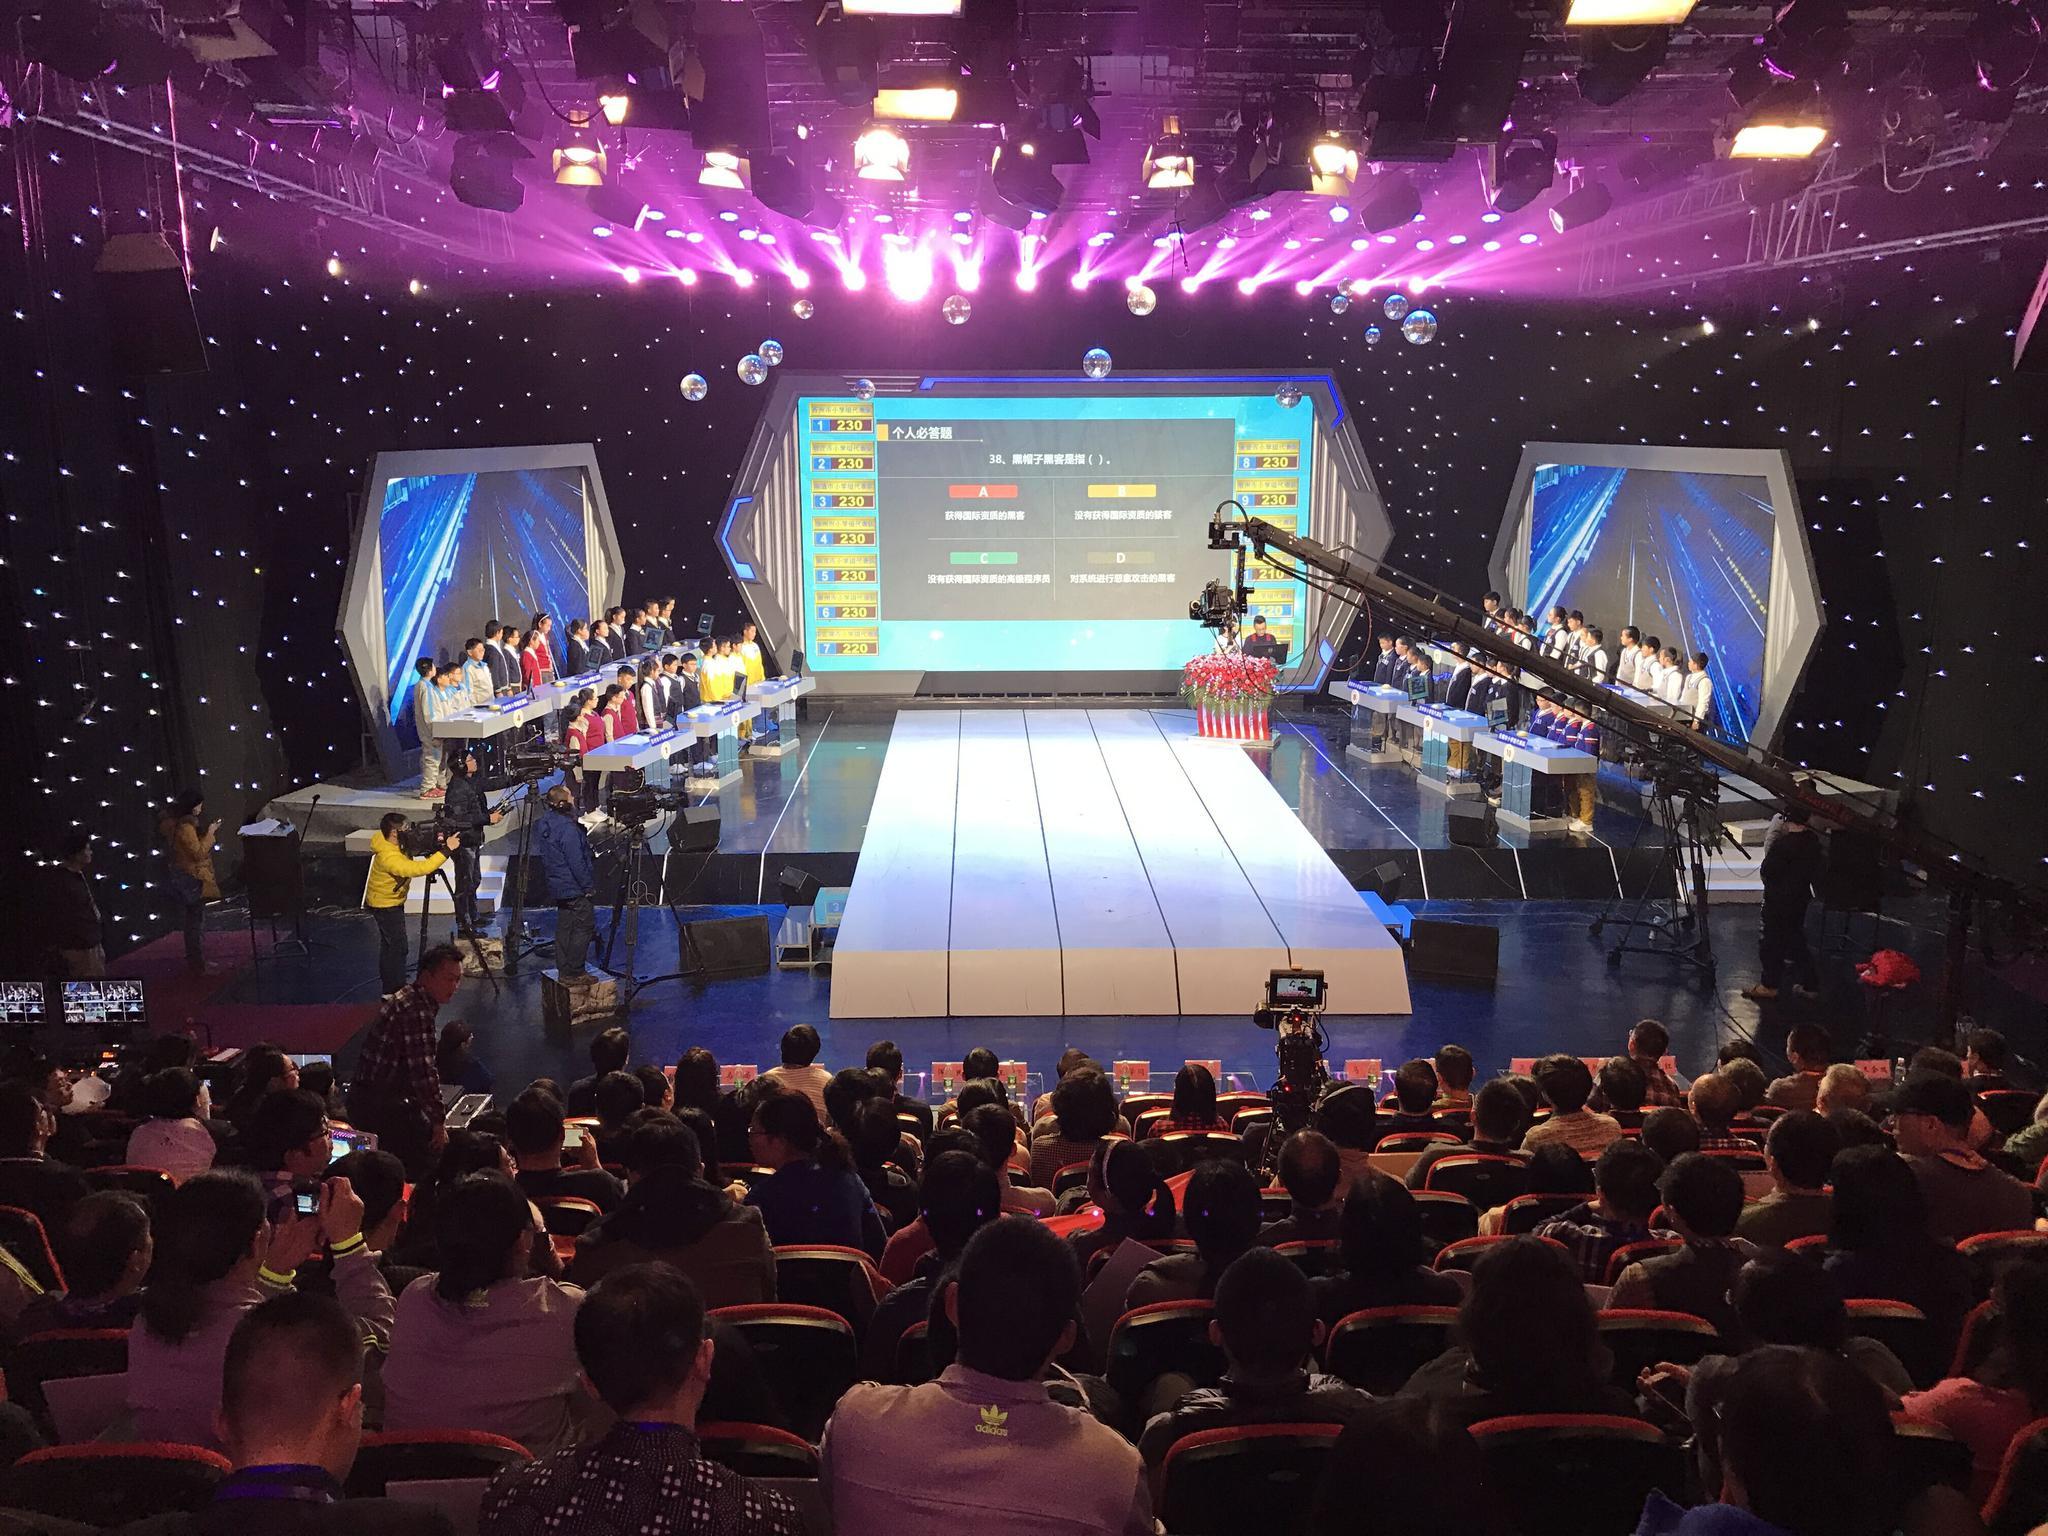 首届江苏省青少年网络安全知识竞赛电视总决赛